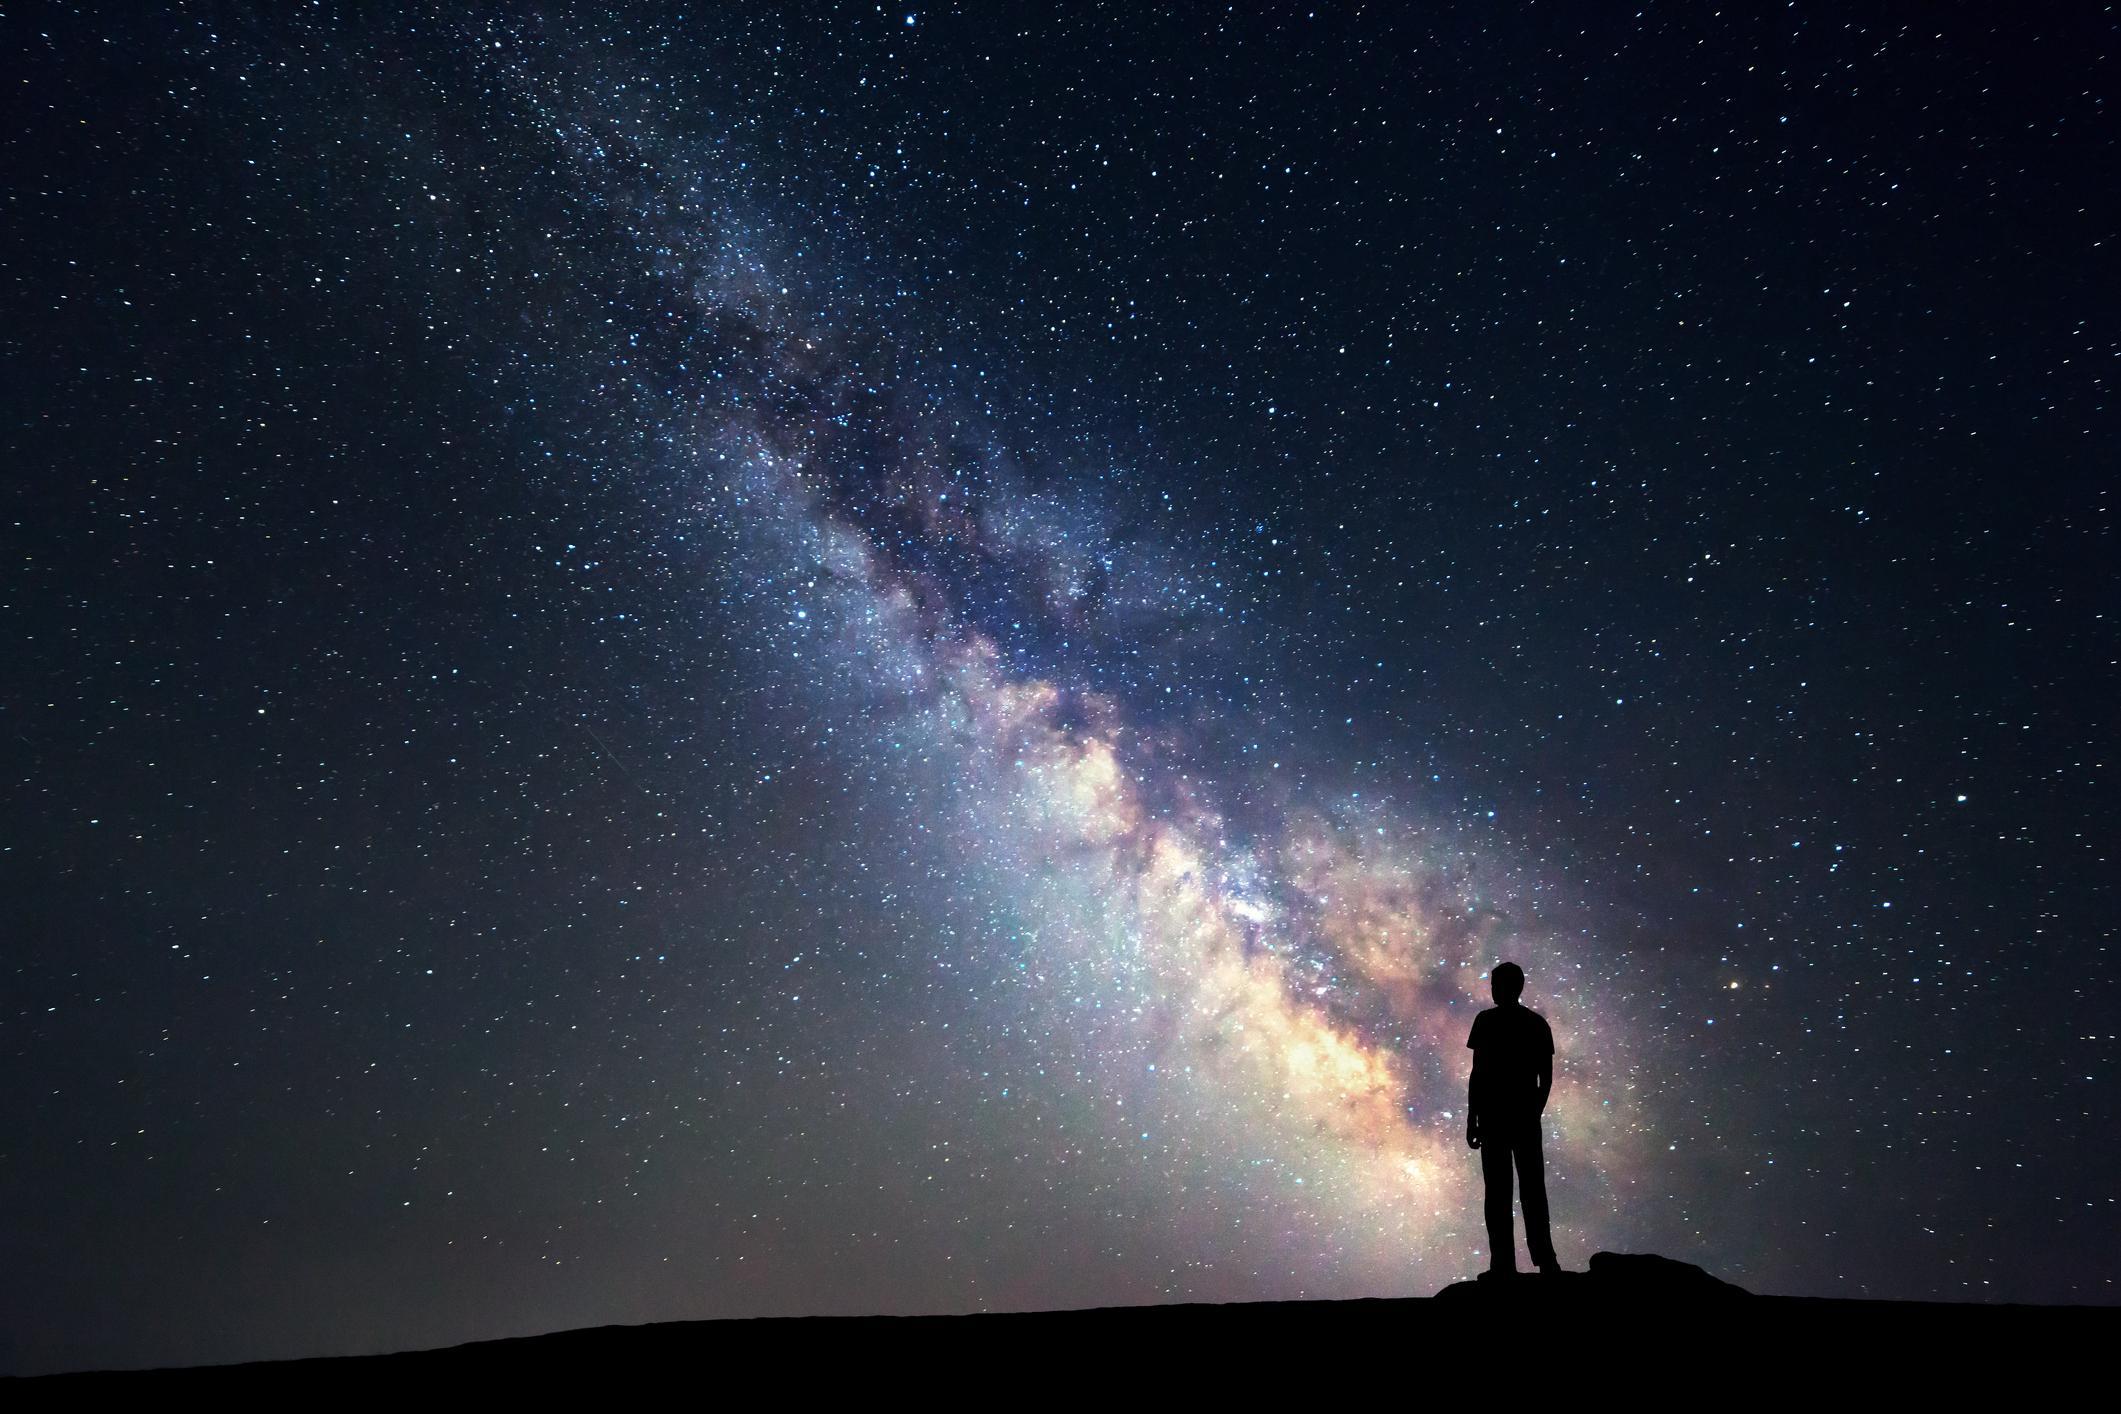 Descubre el cielo nocturno y sus maravillas